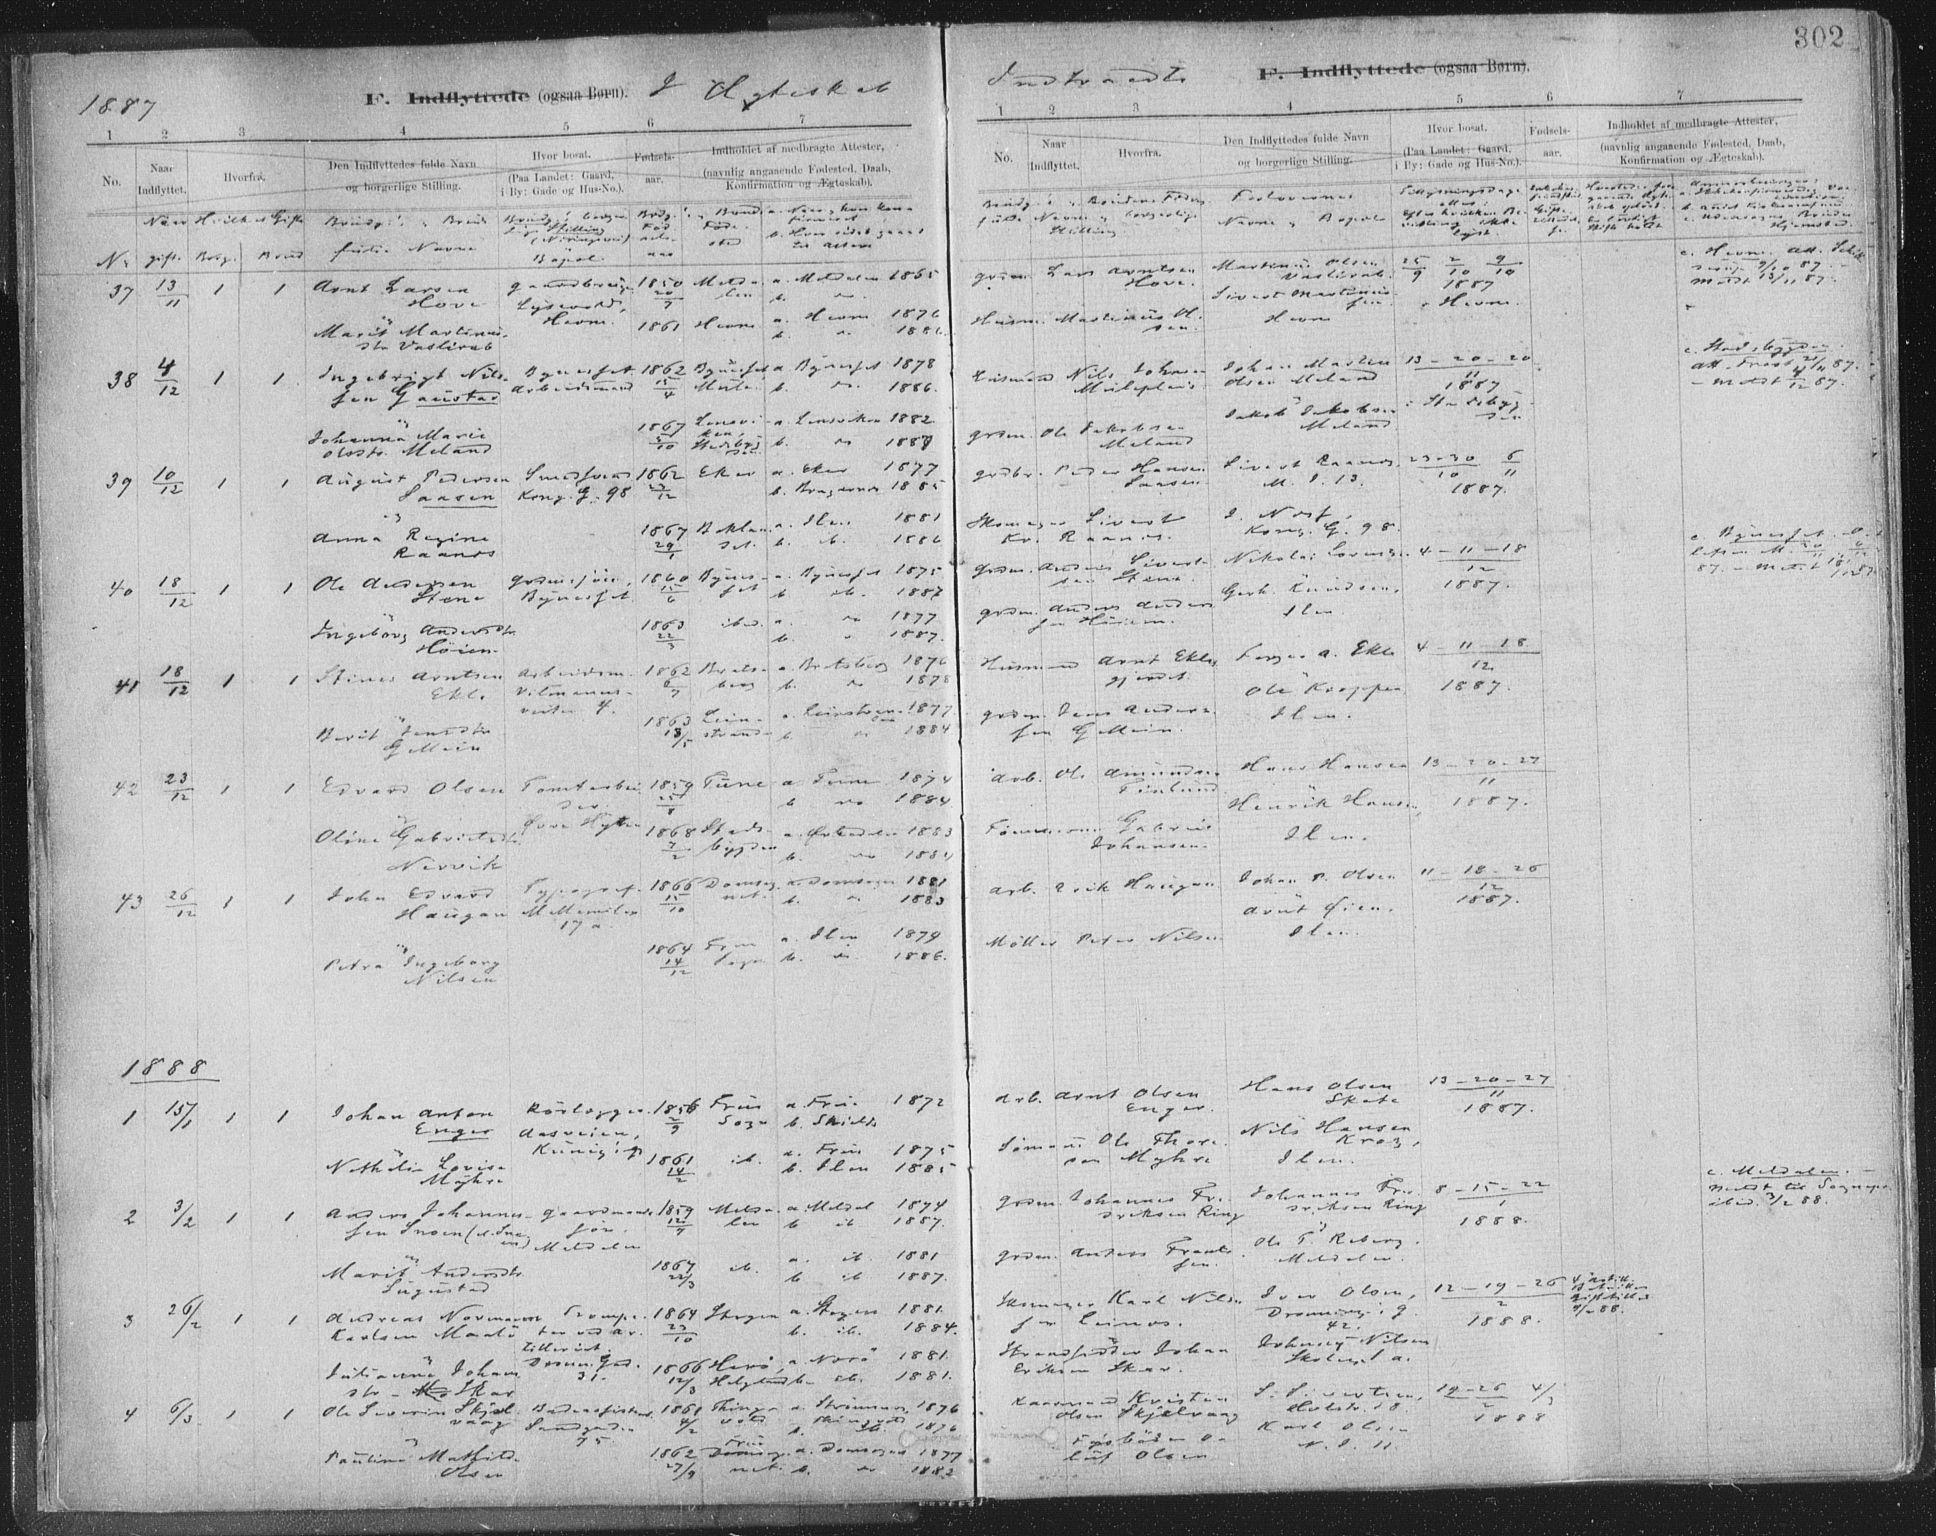 SAT, Ministerialprotokoller, klokkerbøker og fødselsregistre - Sør-Trøndelag, 603/L0163: Ministerialbok nr. 603A02, 1879-1895, s. 302